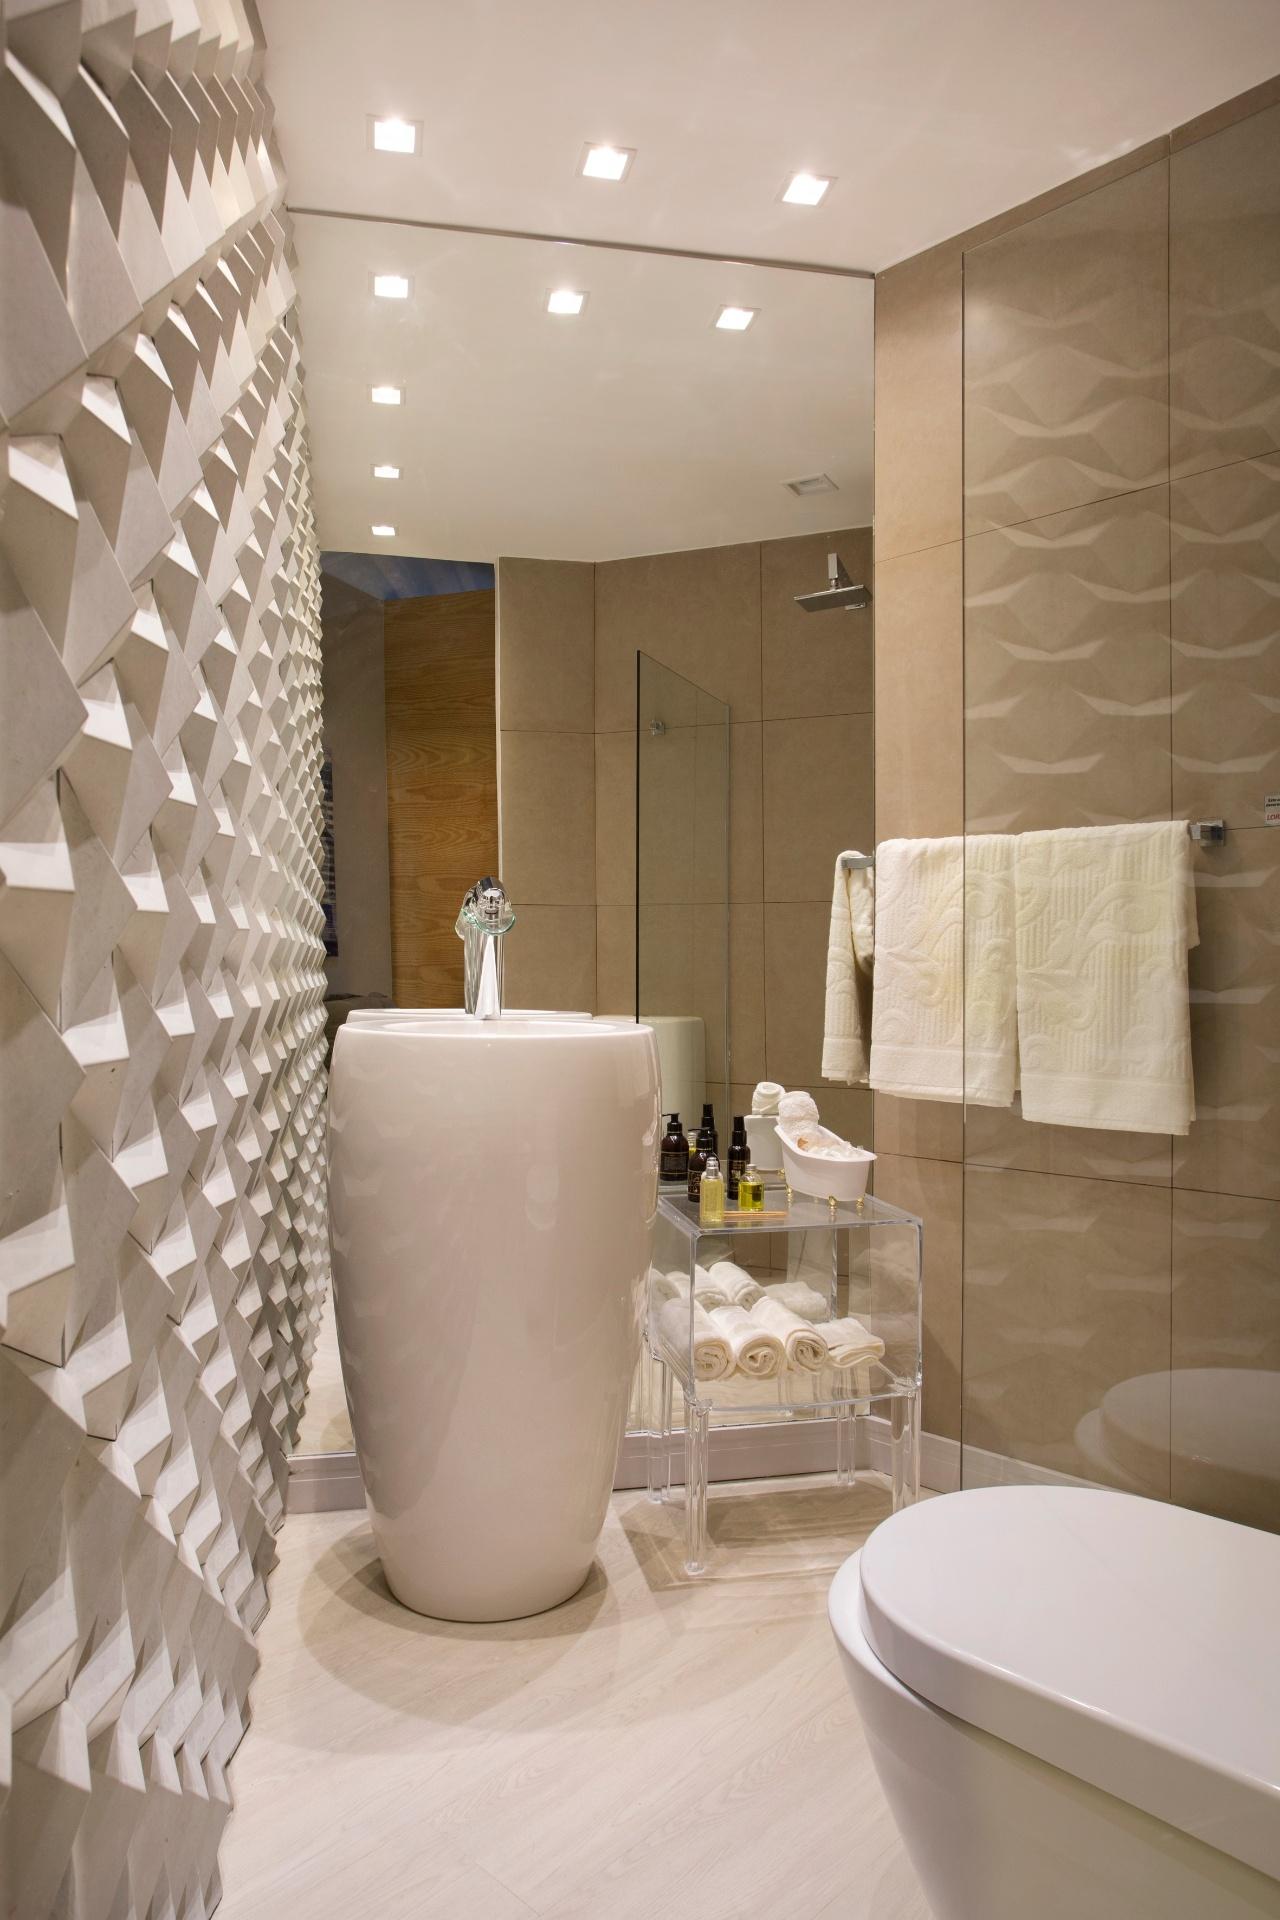 Em banheiros bem pequenos, siga a proposta dos arquitetos Nilton Montarroyos e Estela Pinheiro para o Apartamento do Arquiteto, com apenas 33 m², e invista nos acabamentos claros e em um espelho generoso, para aumentar a sensação de amplitude | O projeto está exposto na Morar Mais por Menos RJ (www.morarmais.com.br) até 2 de novembro de 2015